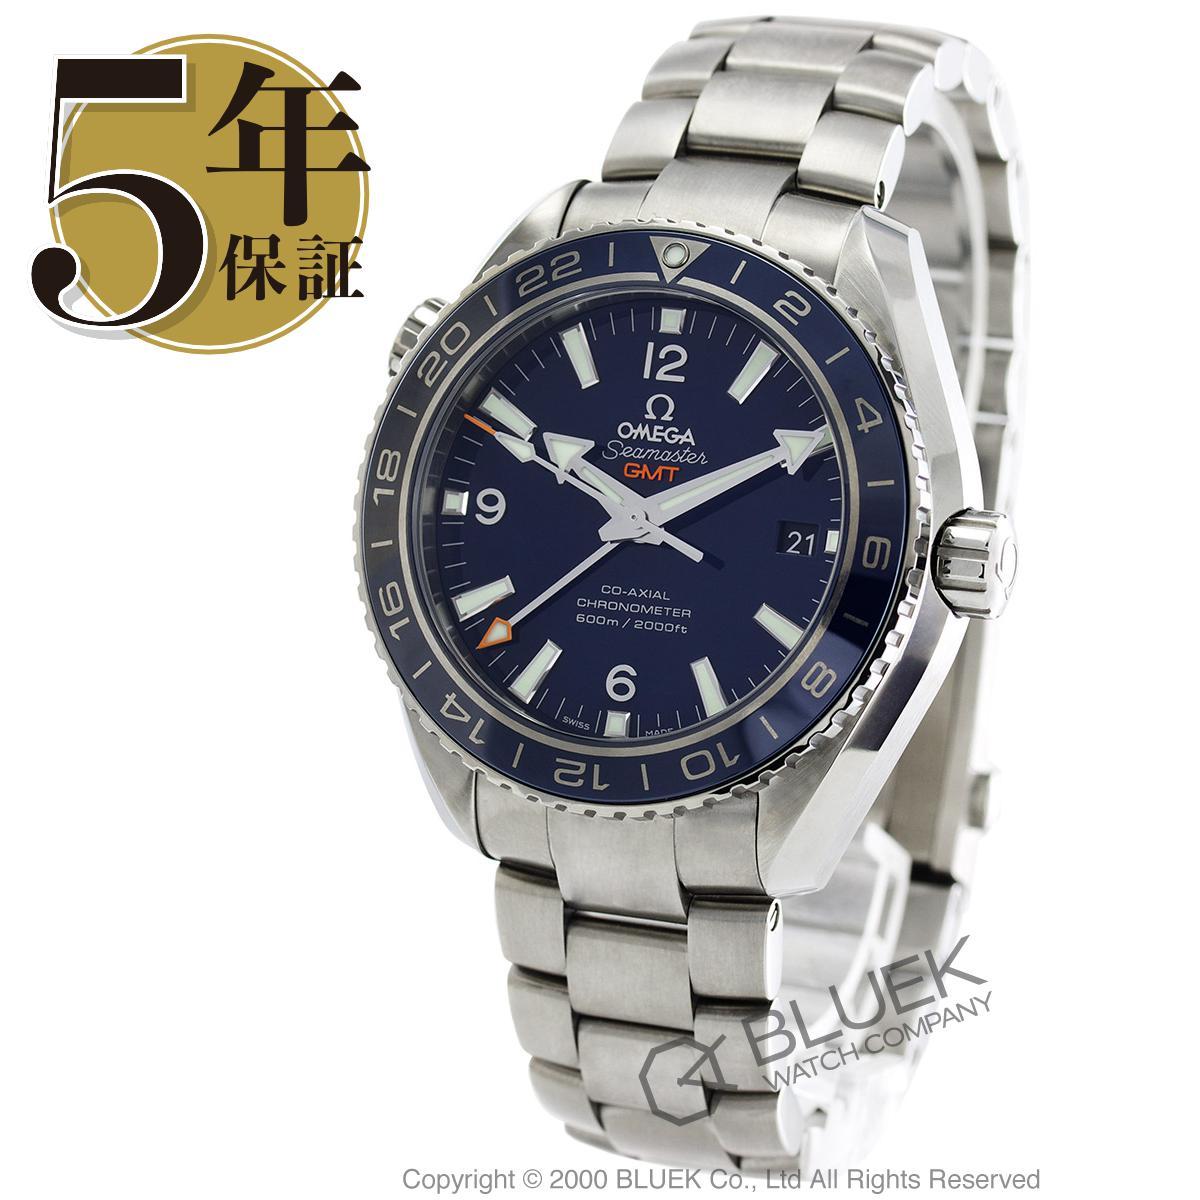 オメガ シーマスター プラネットオーシャン GMT 600m防水 腕時計 メンズ OMEGA 232.90.44.22.03.001_5